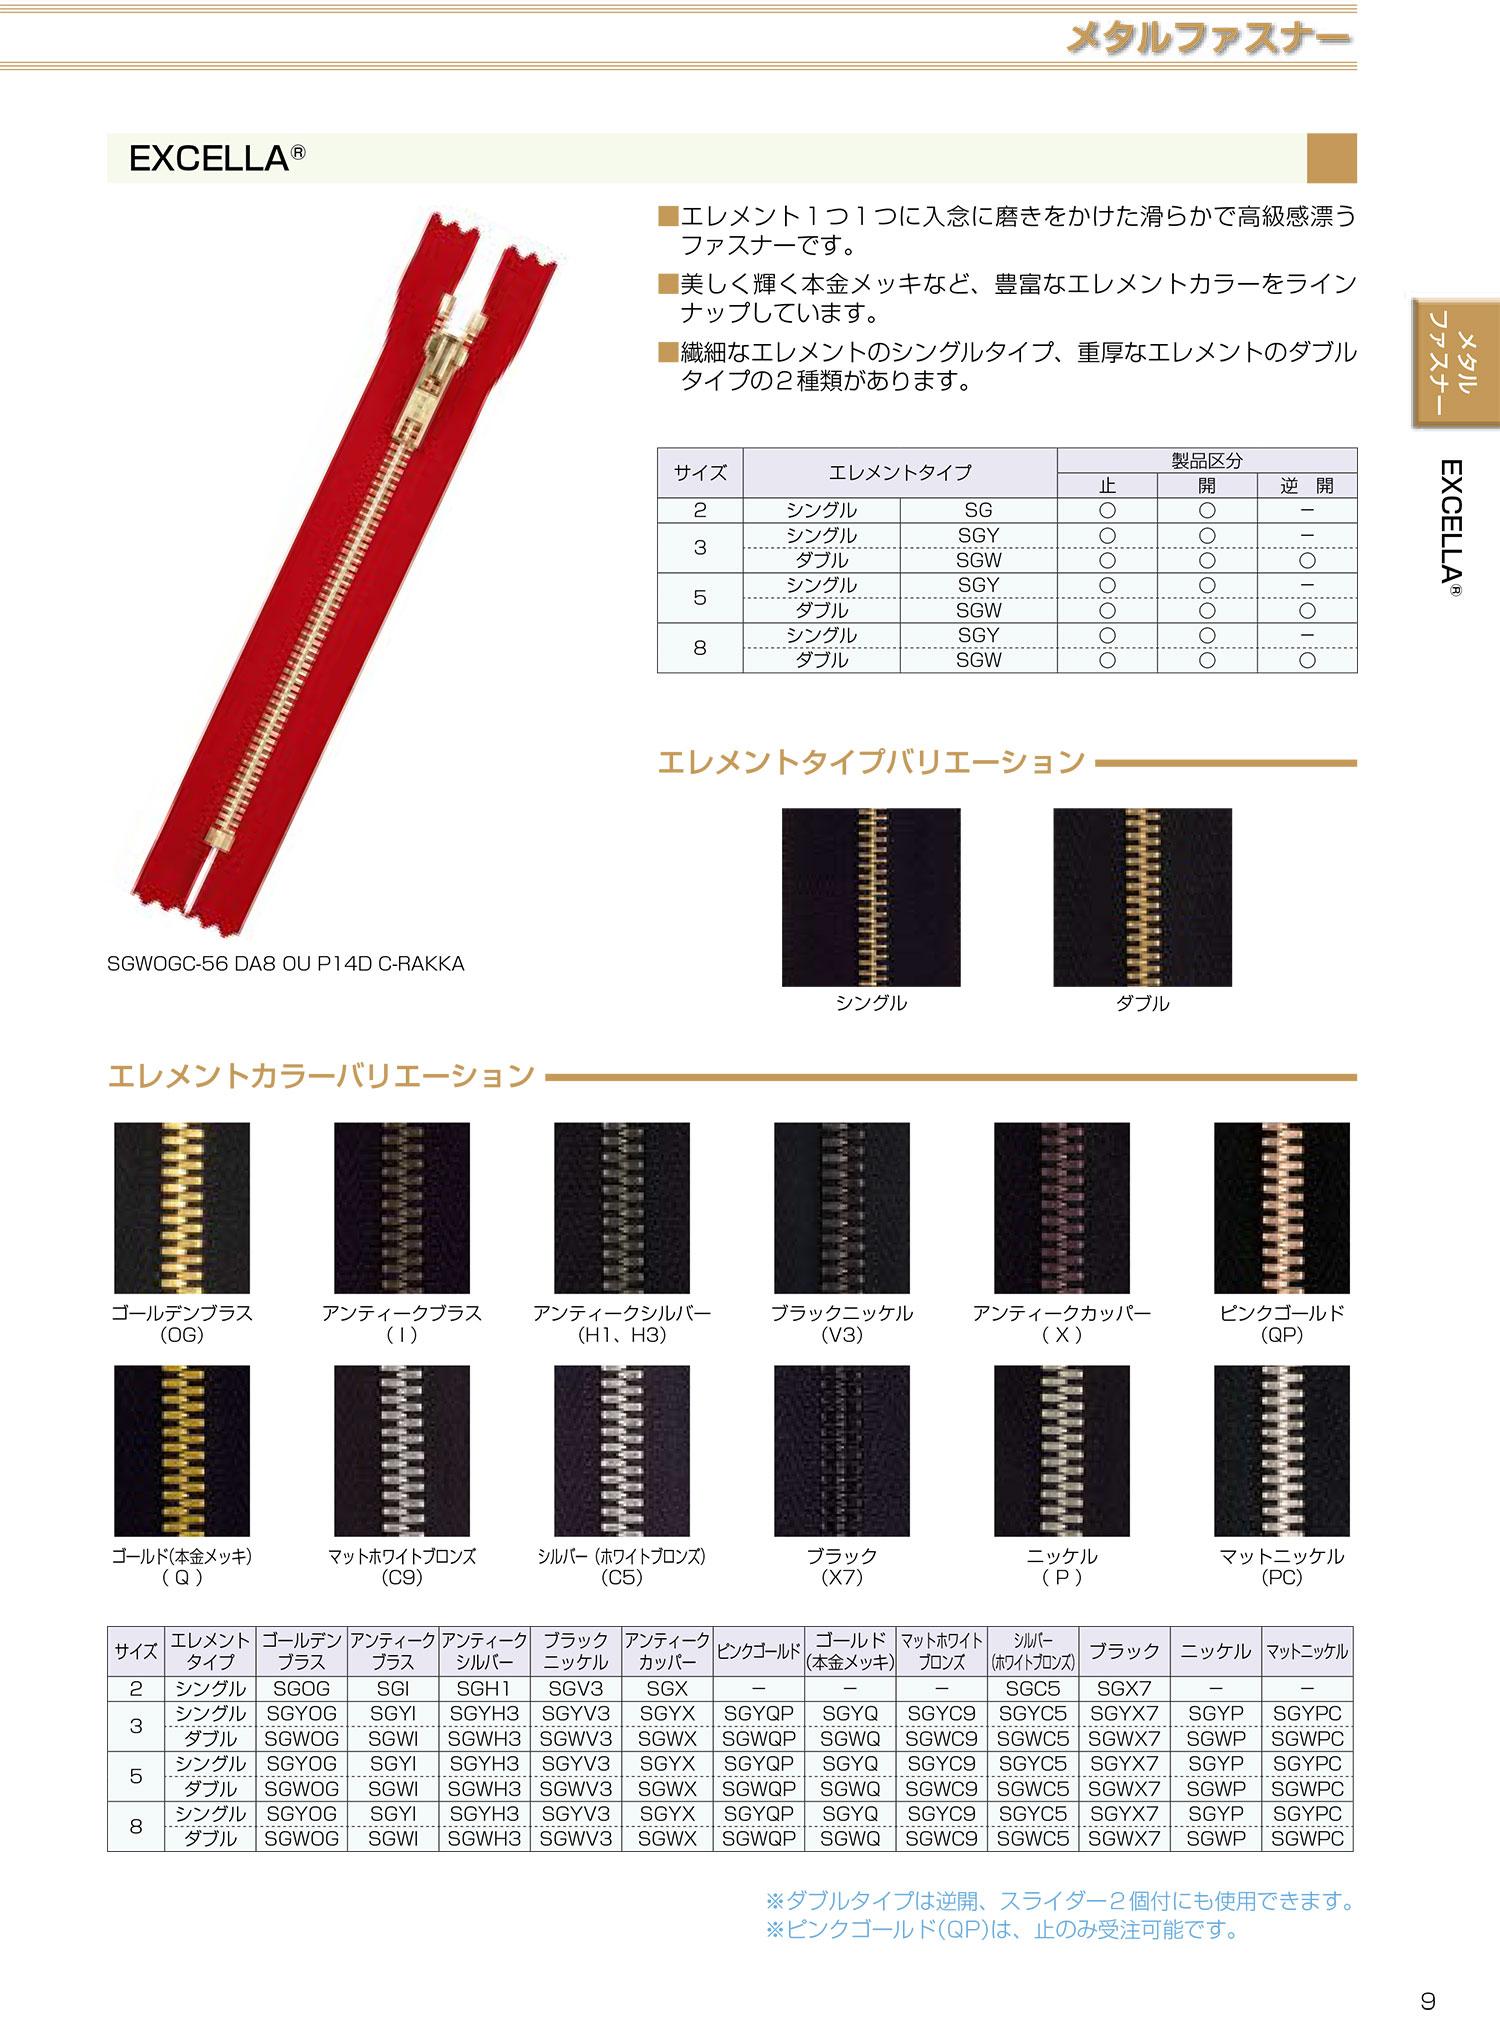 3SGYC5C エクセラ 3サイズ シルバー(ホワイトブロンズ) 止め シングル[ファスナー] YKK/オークラ商事 - ApparelX アパレル資材卸通販